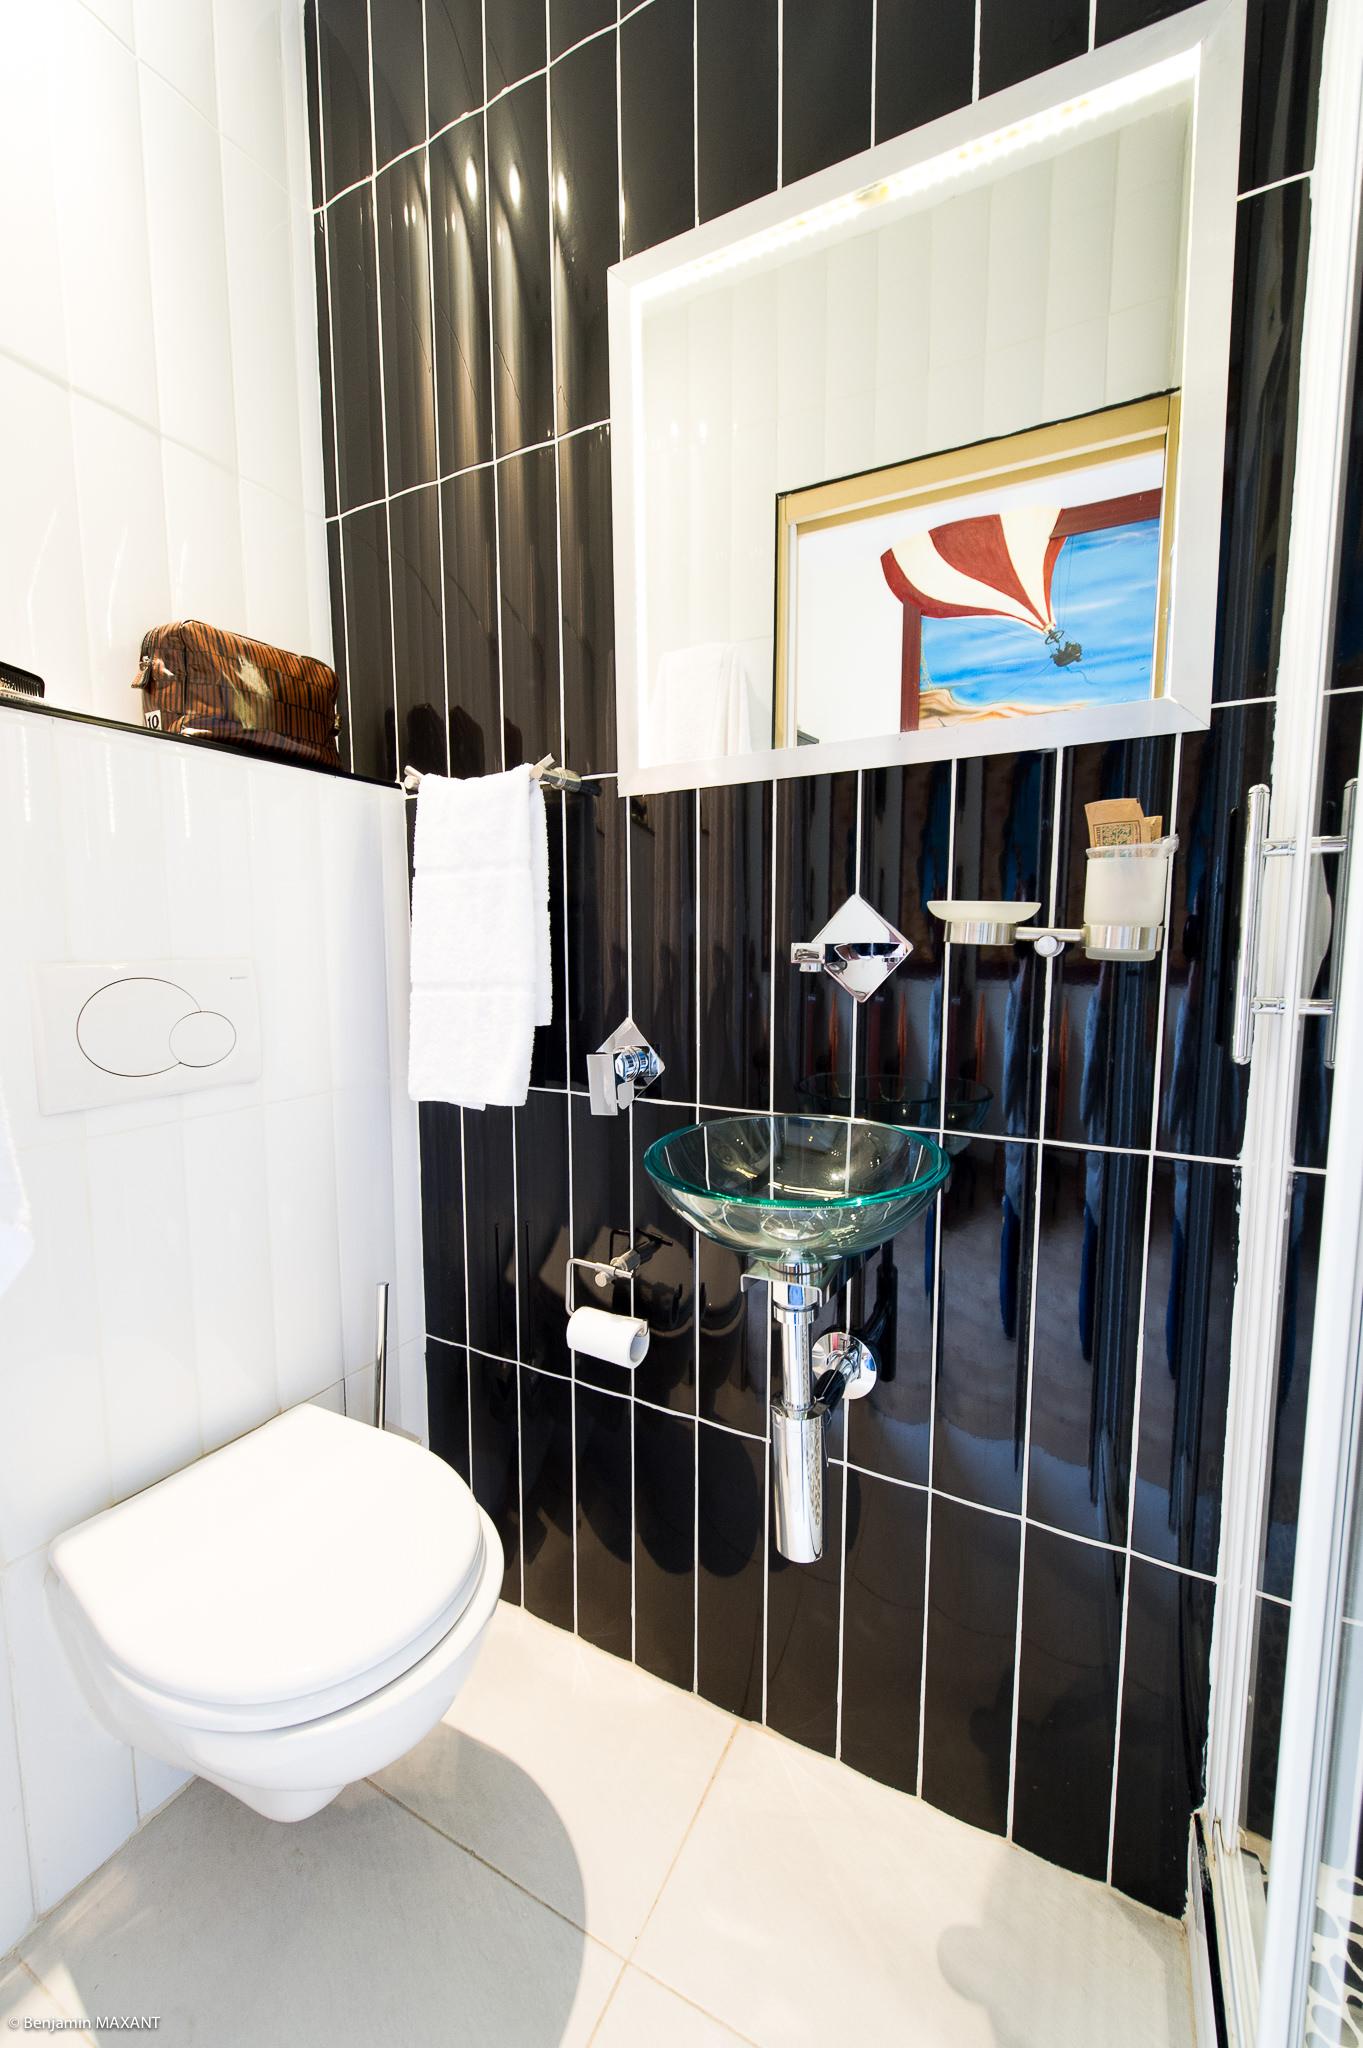 Reportage photo immobilier - Hôtel Idéal - salle de bains Ving mille lieux sous les mers